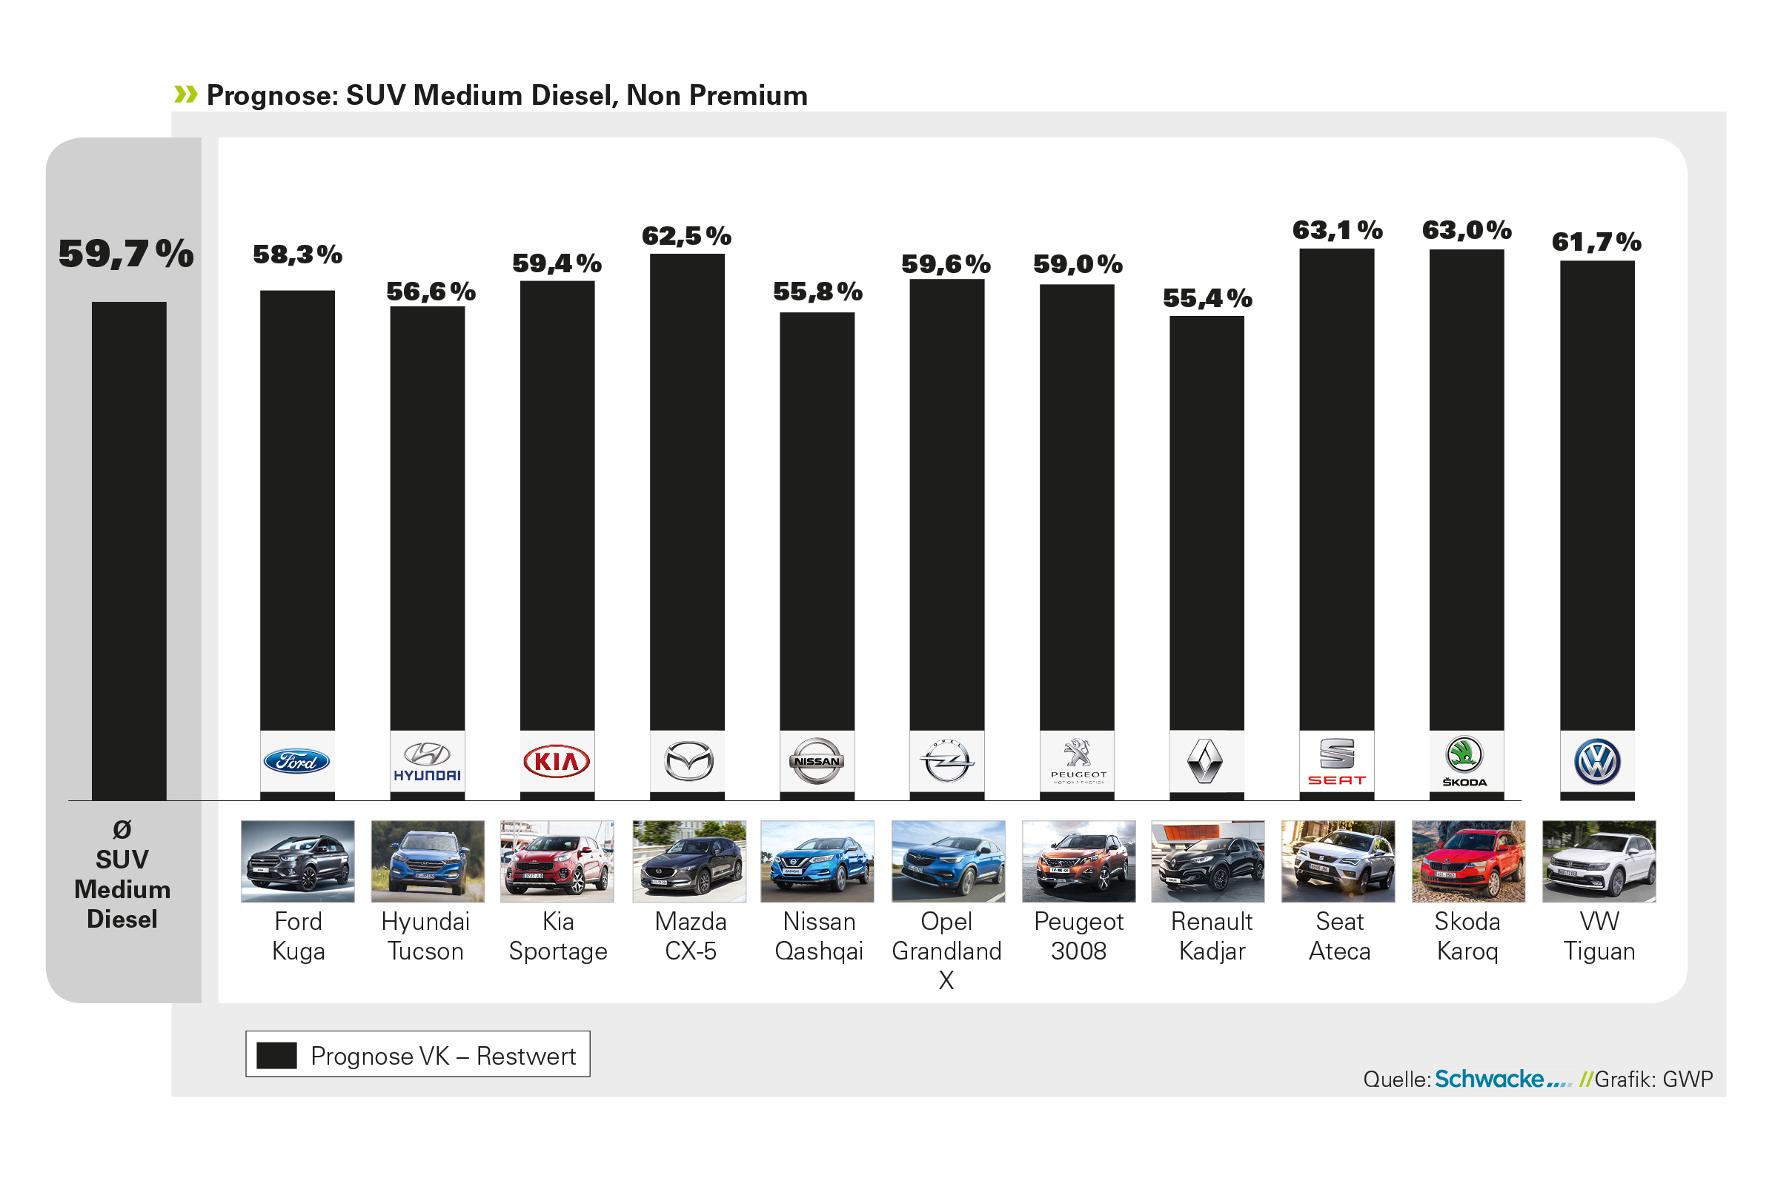 mid Groß-Gerau - Die wertbeständigsten Kompakt-SUVs